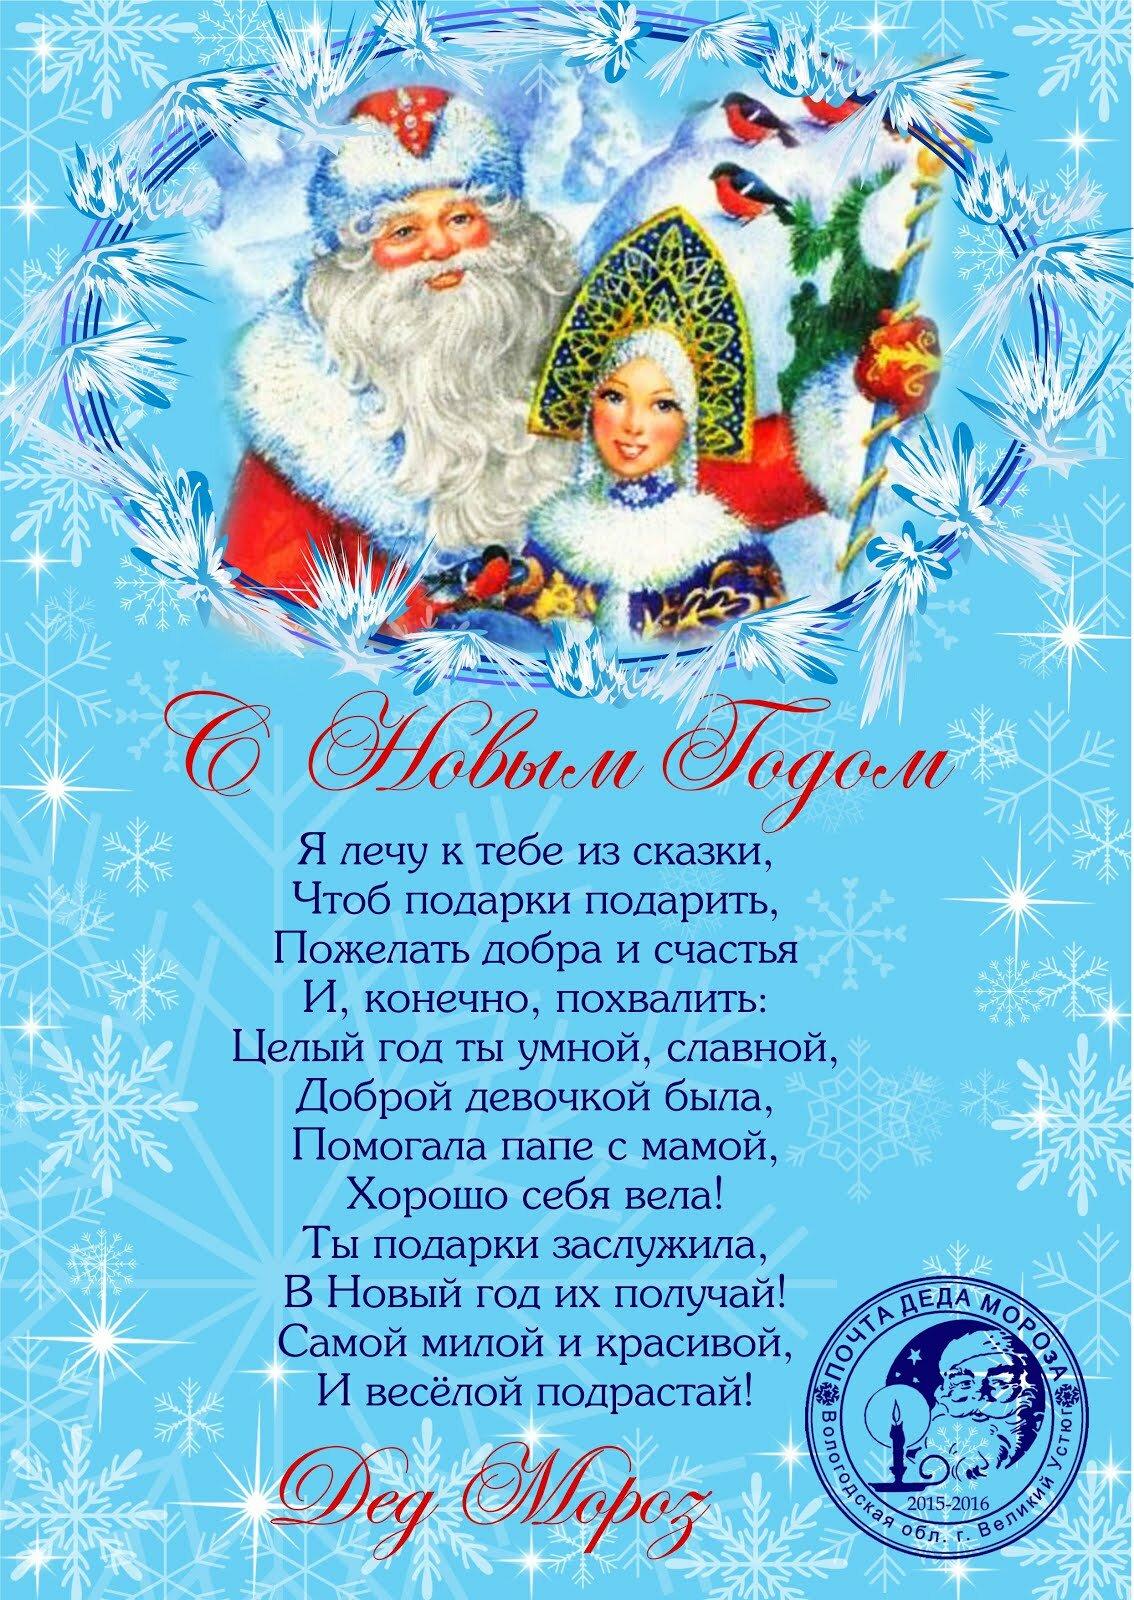 Поздравления для деток от деда мороза